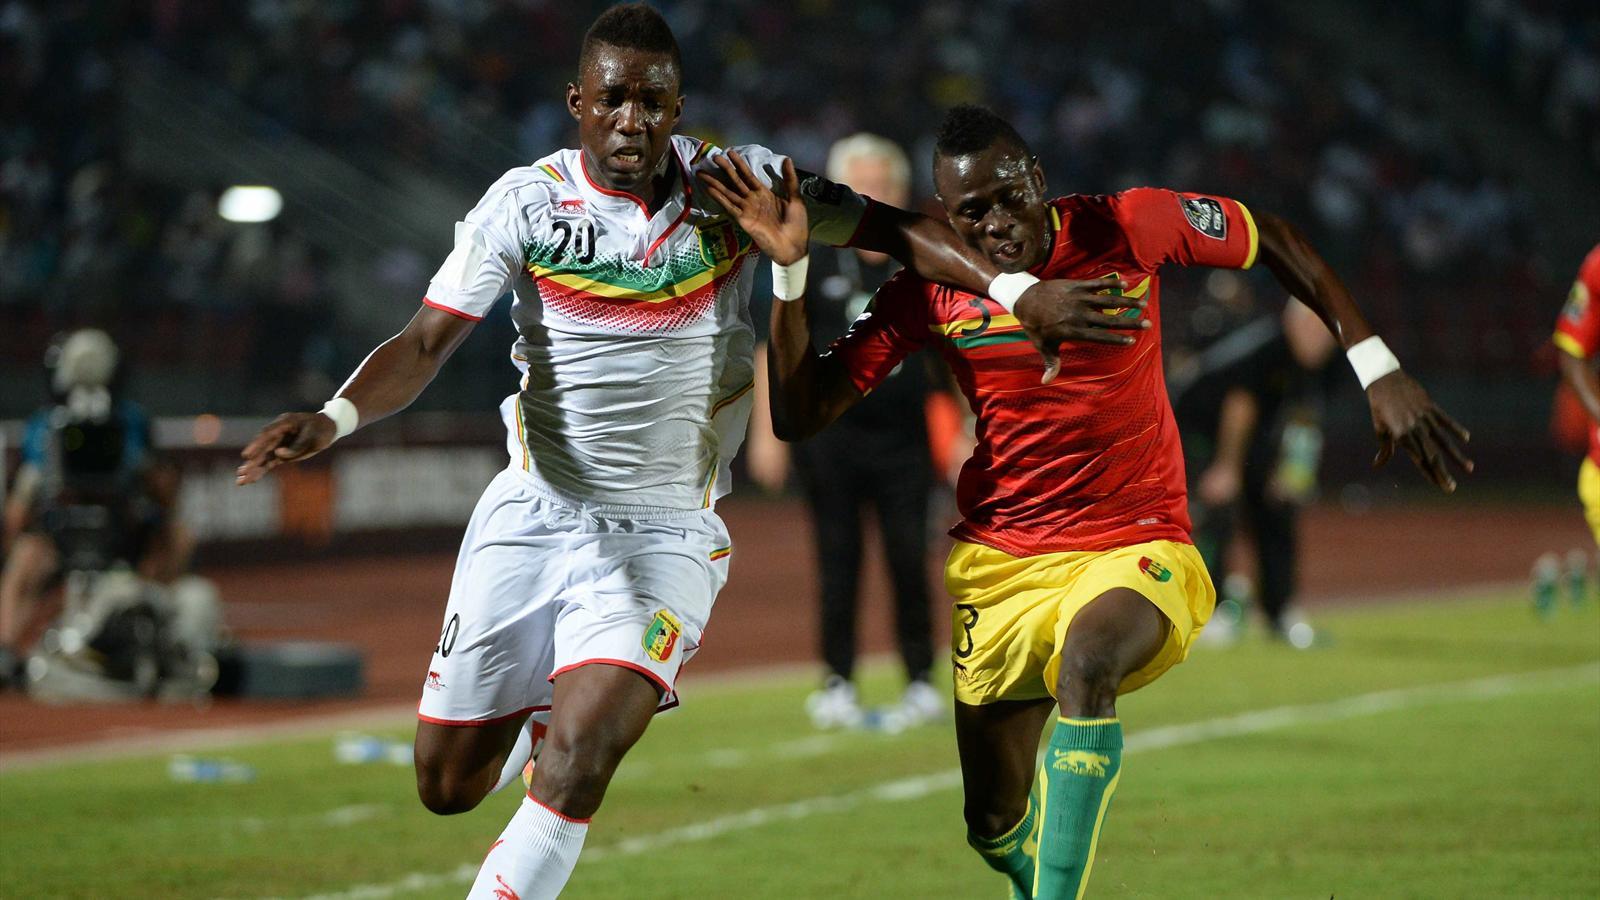 En direct live guin e mali coupe d 39 afrique des nations 28 janvier 2015 eurosport - Coupe des 6 nations 2015 ...